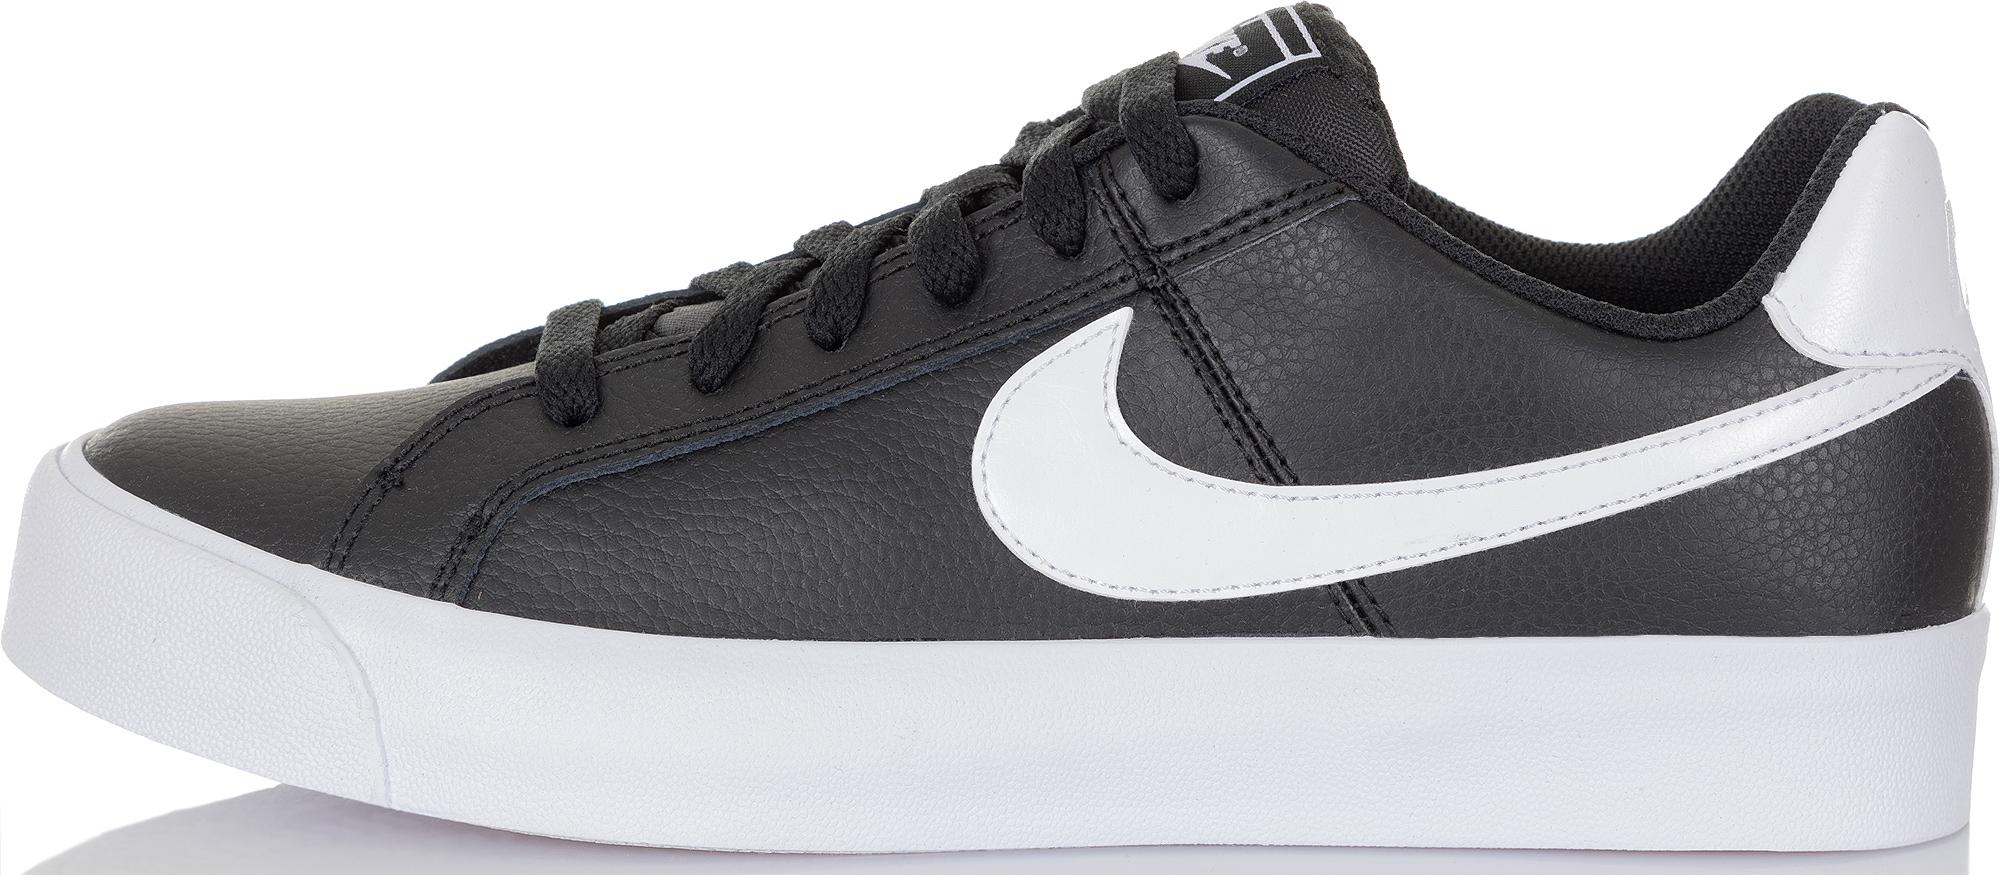 Nike Кеды женские Nike Court Royale AC, размер 40 недорго, оригинальная цена